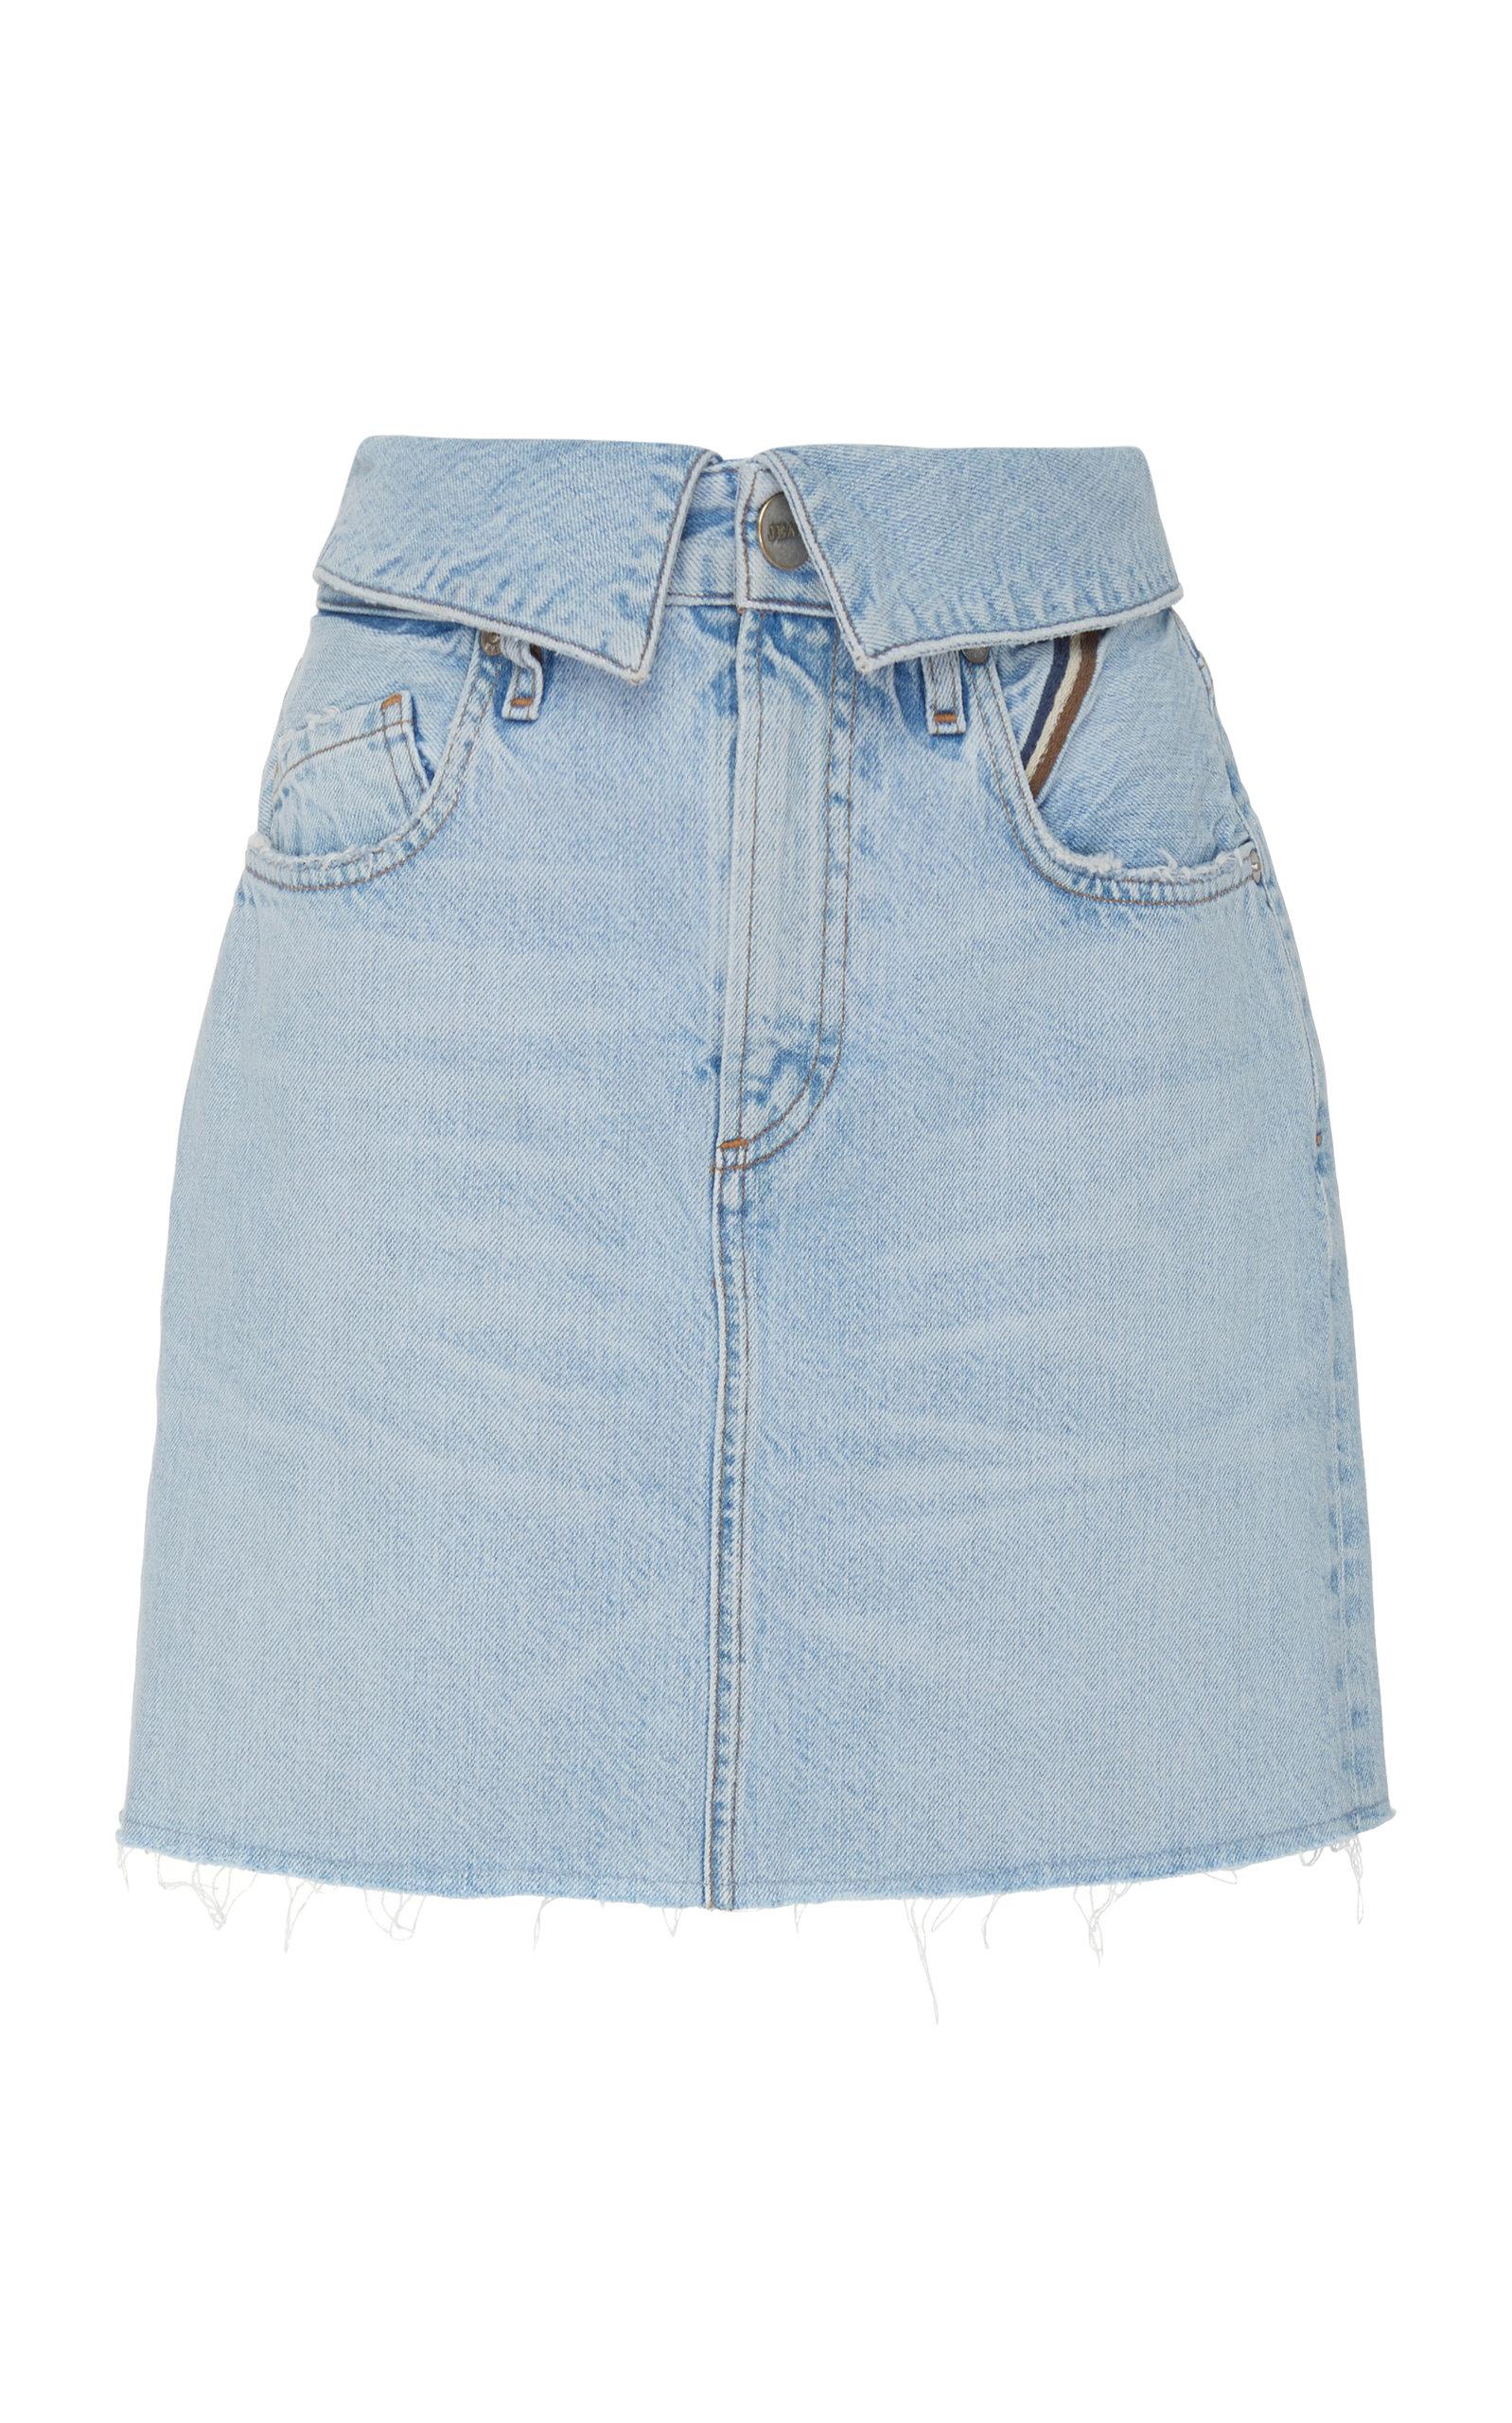 JEAN ATELIER Flip High-Rise Denim Mini Skirt in Light Wash